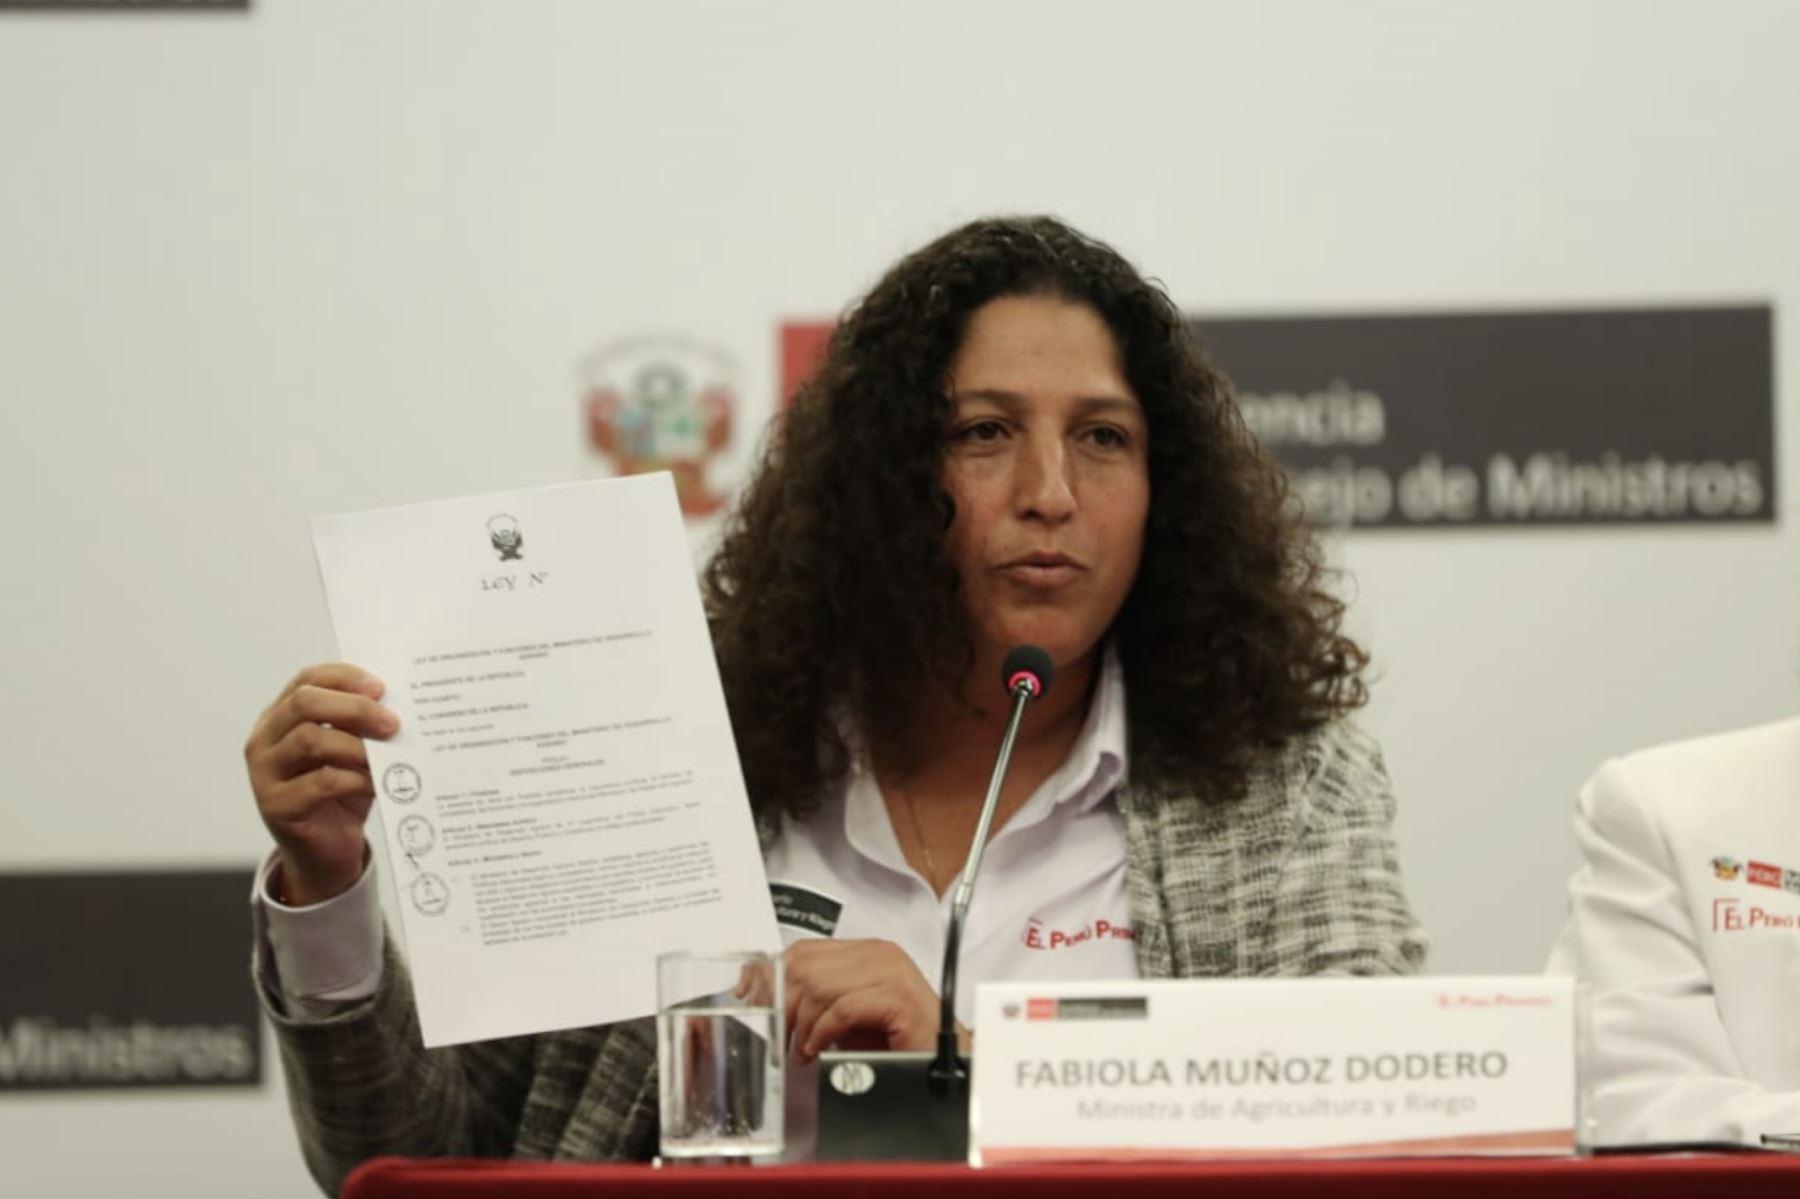 Ministra de Agricultura, Fabiola Muñoz partcipa en conferencia junto al  primer Ministro Del Solar.  Foto: ANDINA/PCM